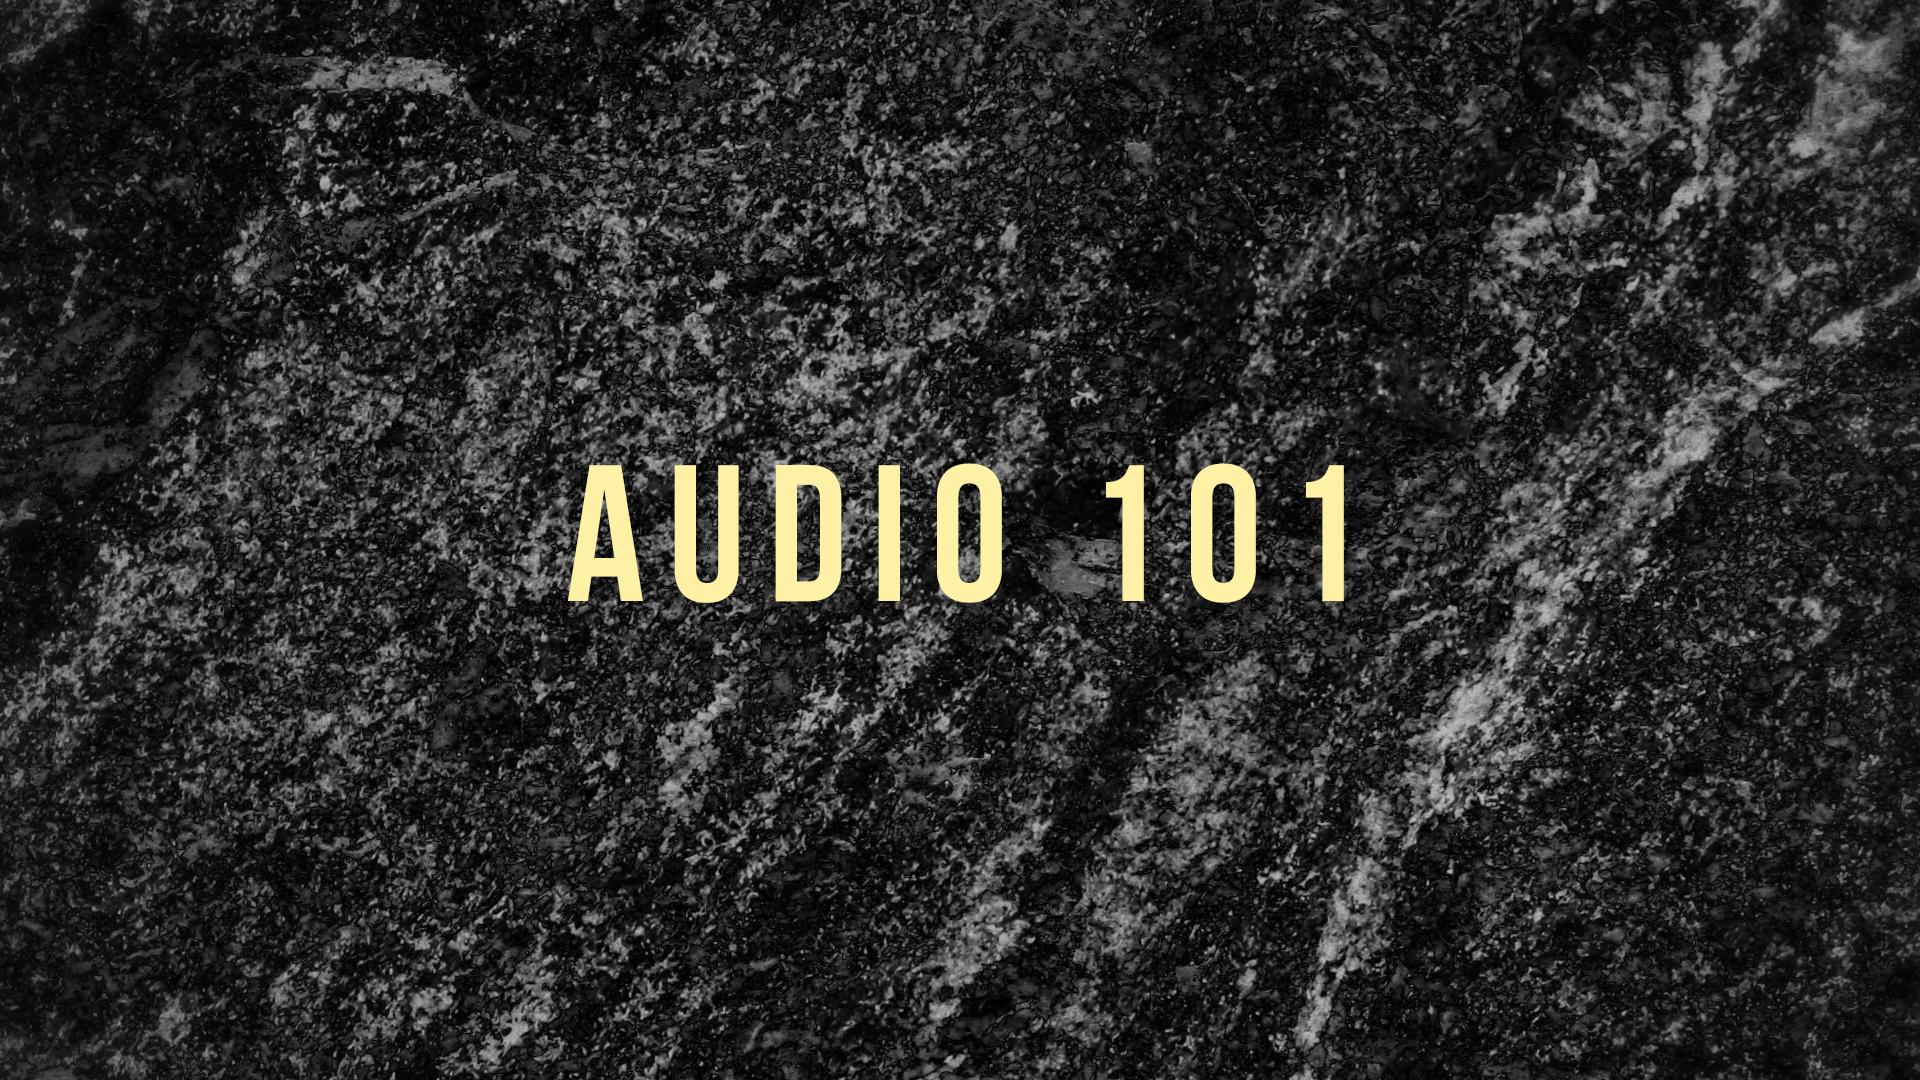 Audio 101